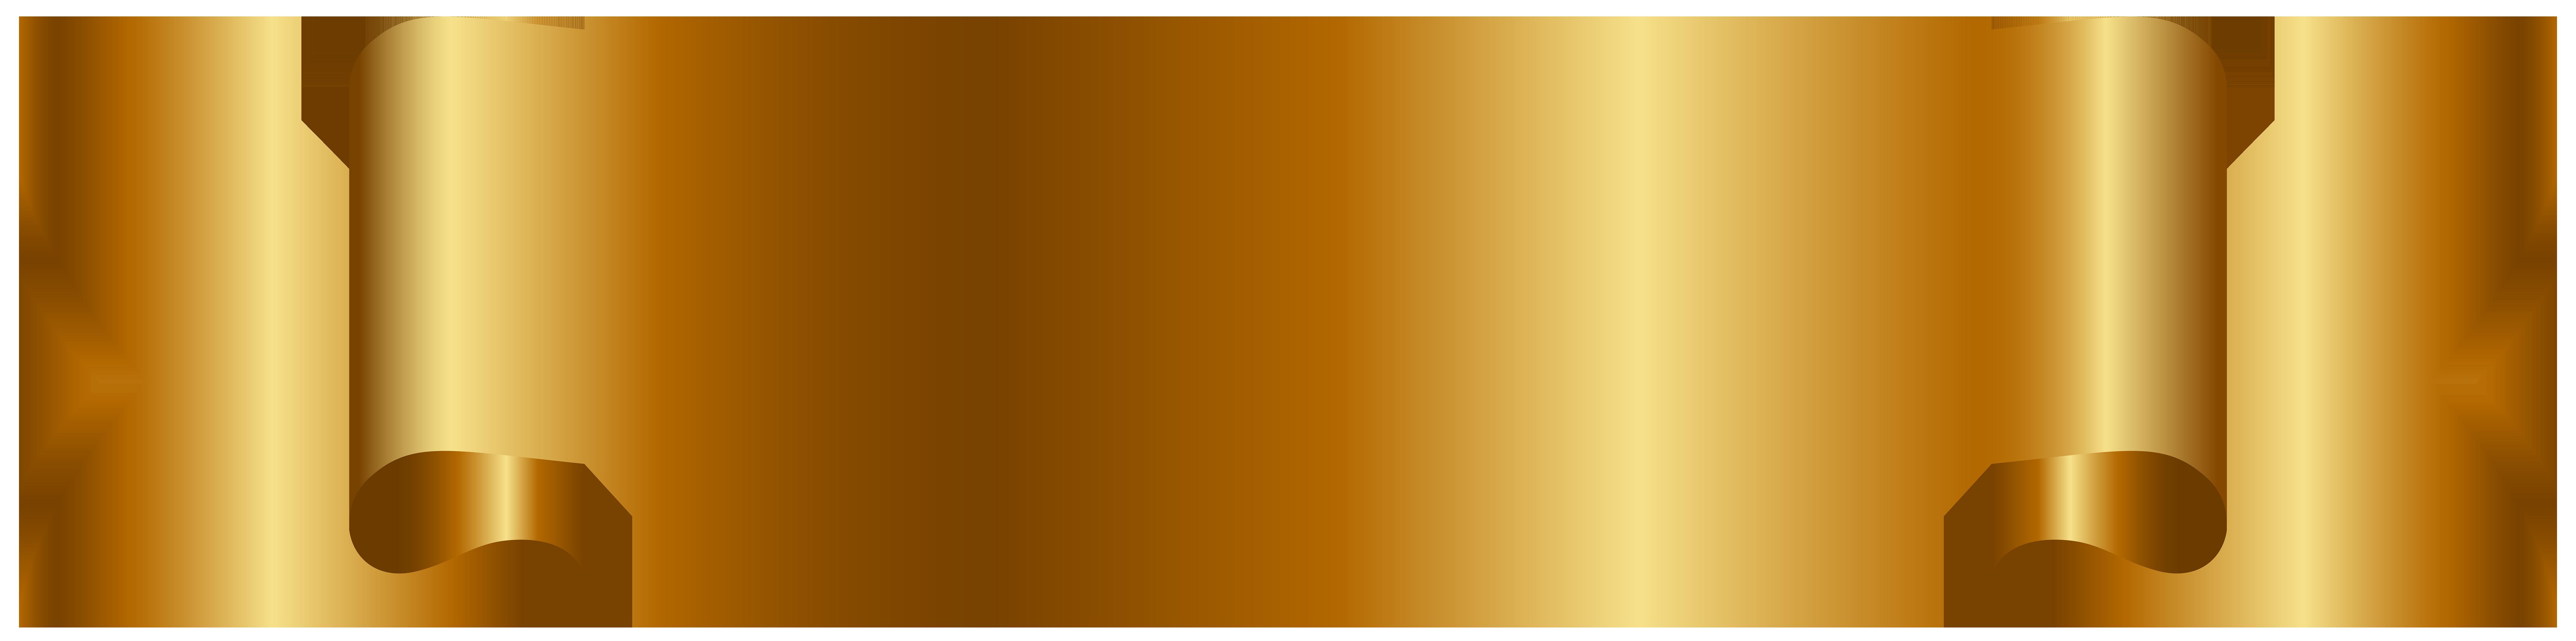 Golden png clip art. Clipart free banner